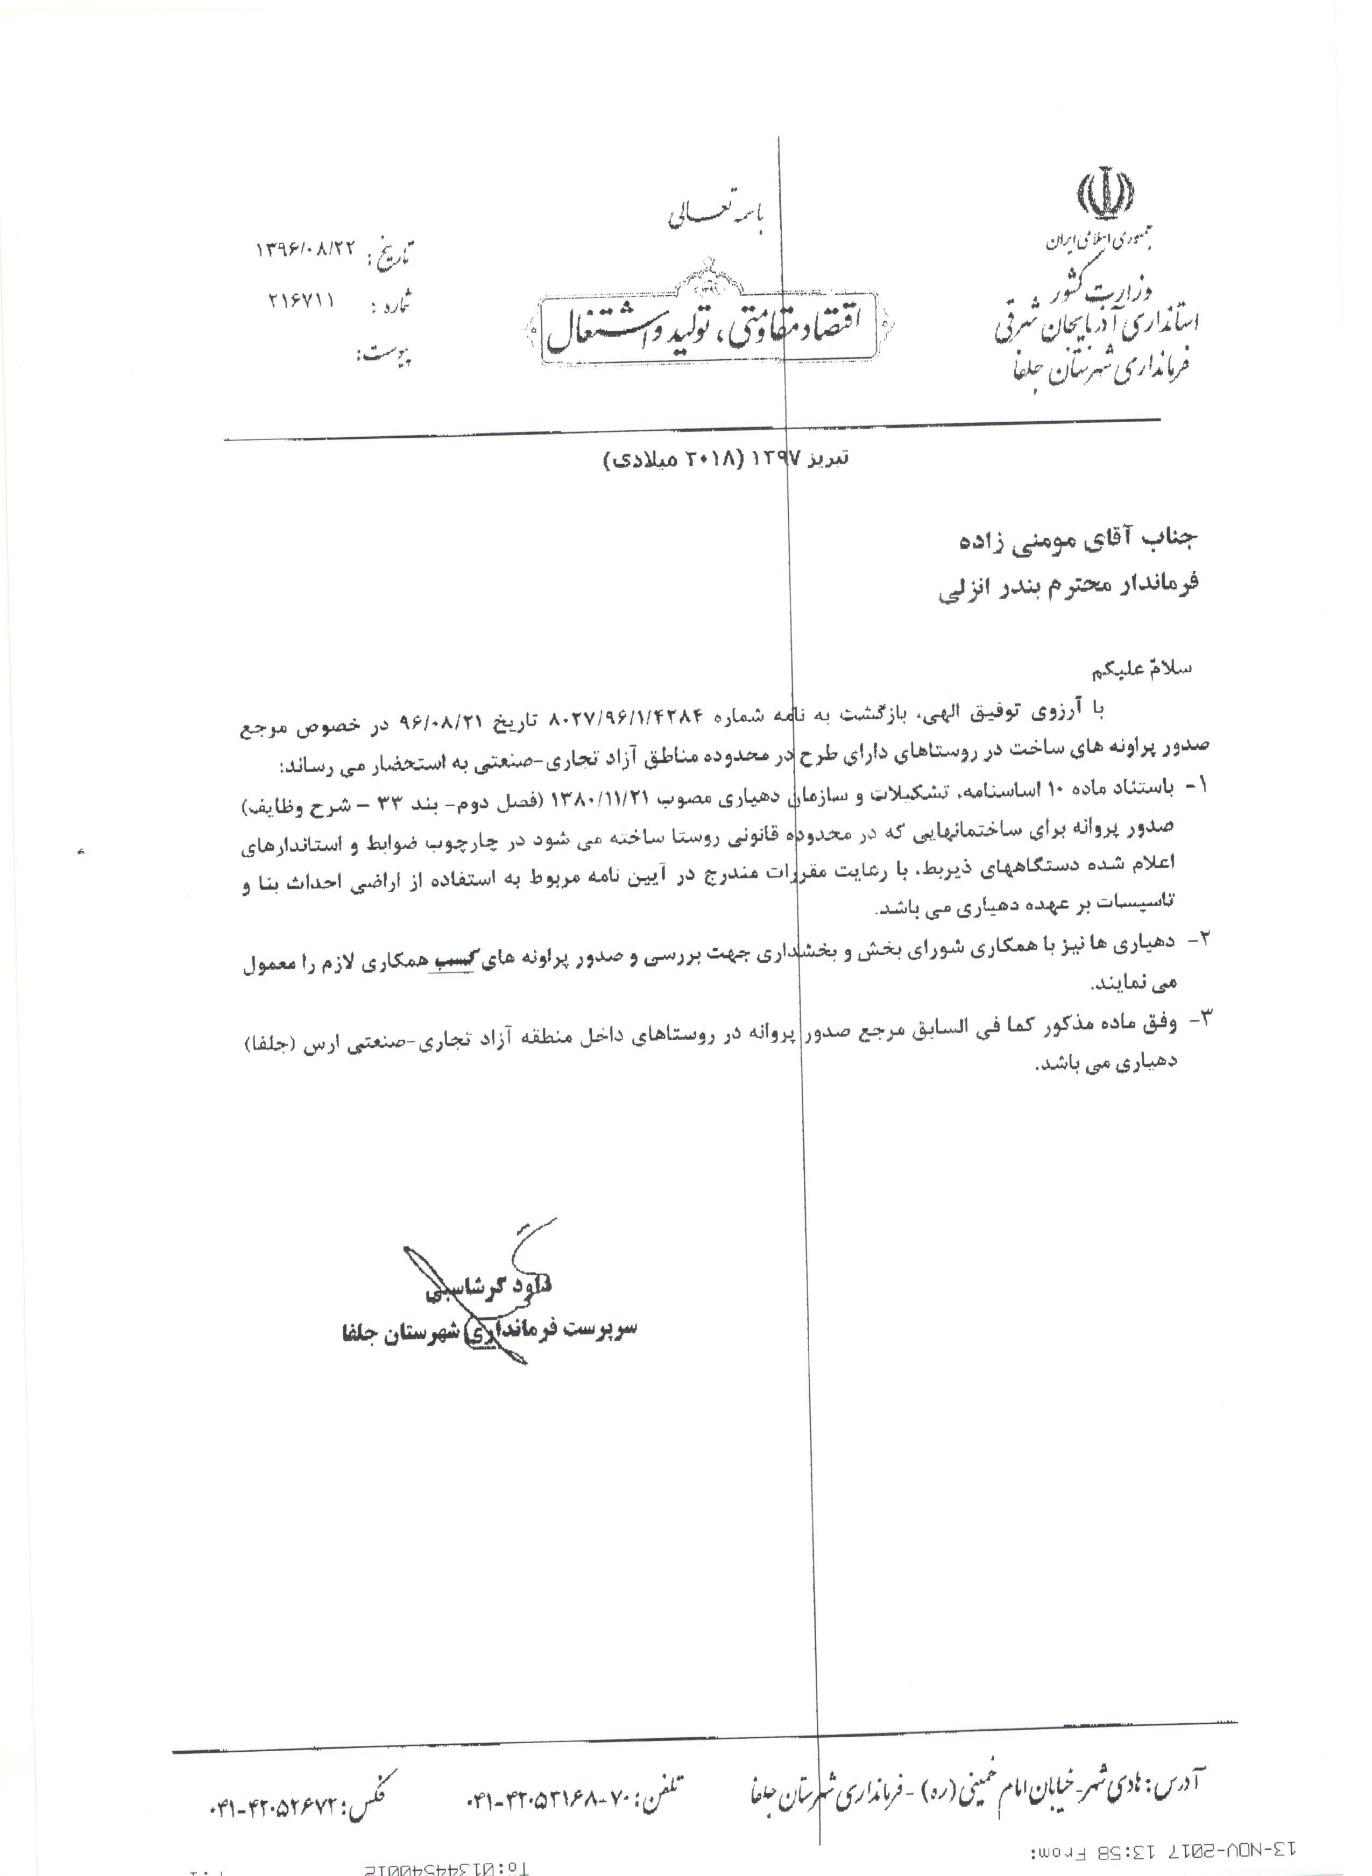 منطقه آزادانزلی؛شوراهای اسلامی نمادین وحقوقی که برباد میرود!